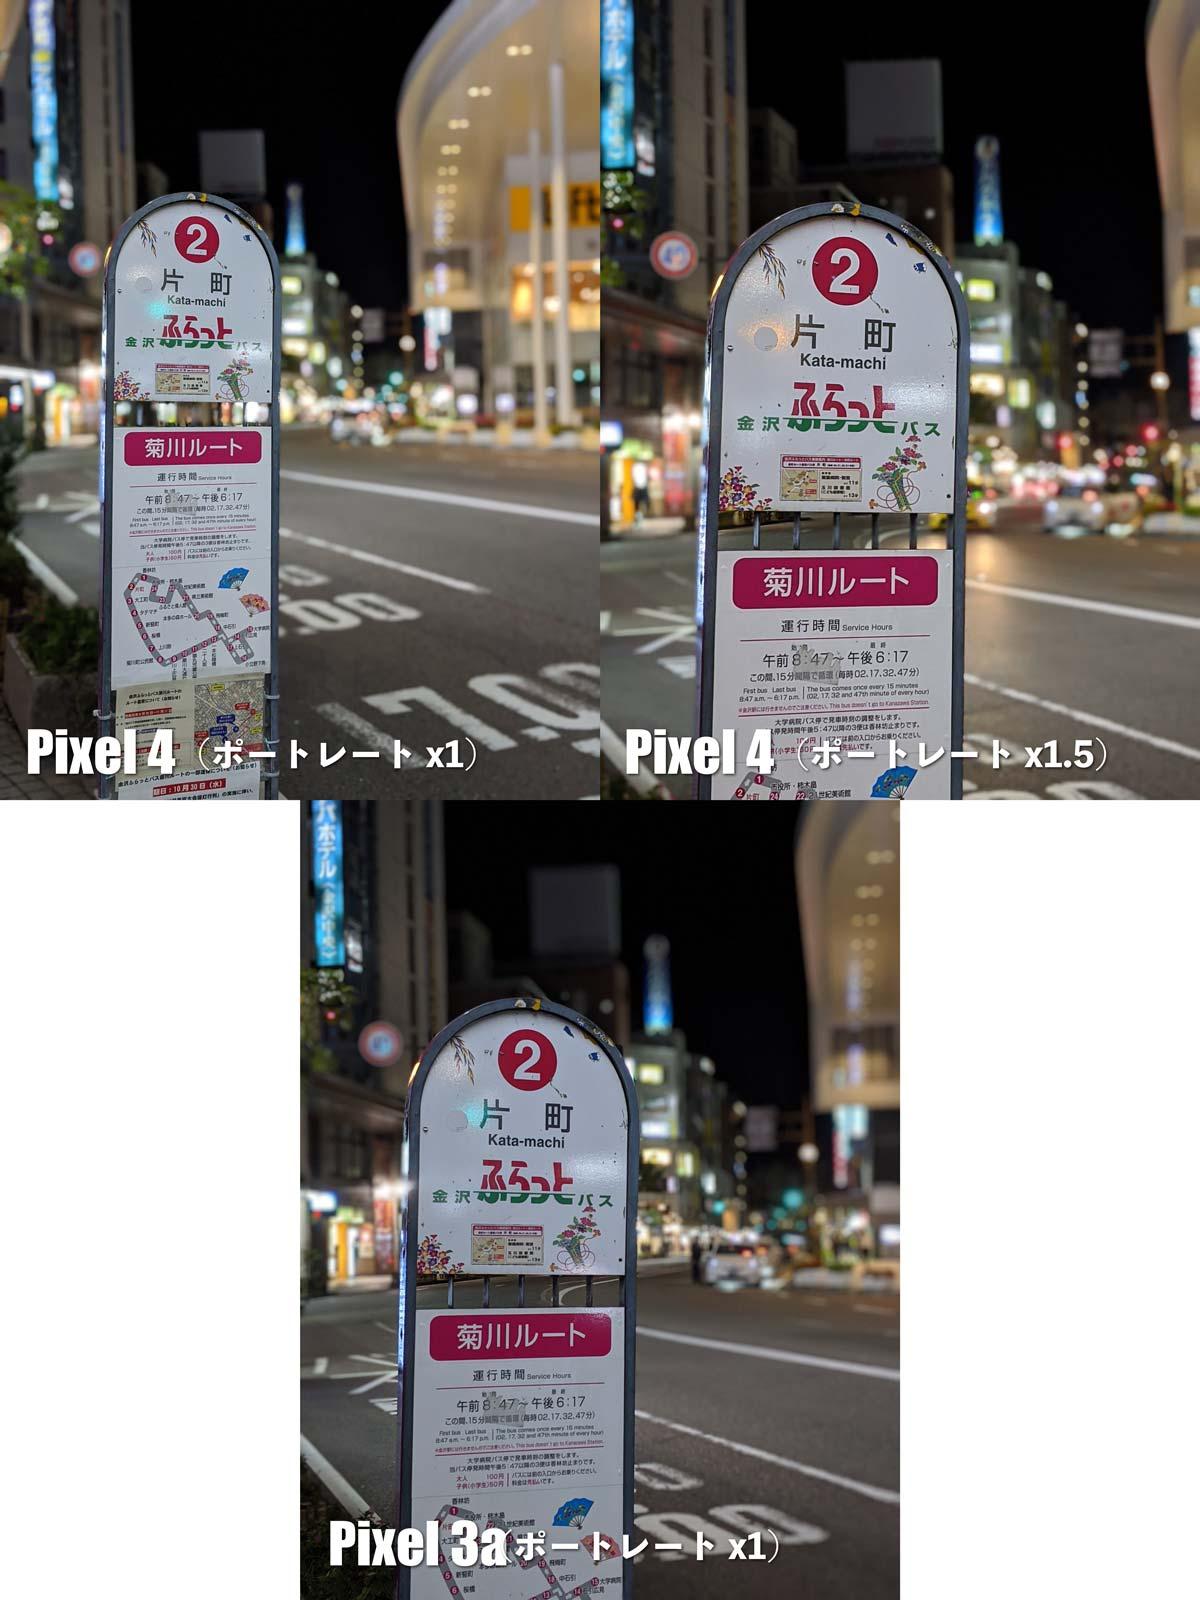 Pixel 4・Pixel 3 3 ポートレートモードの画角の違い